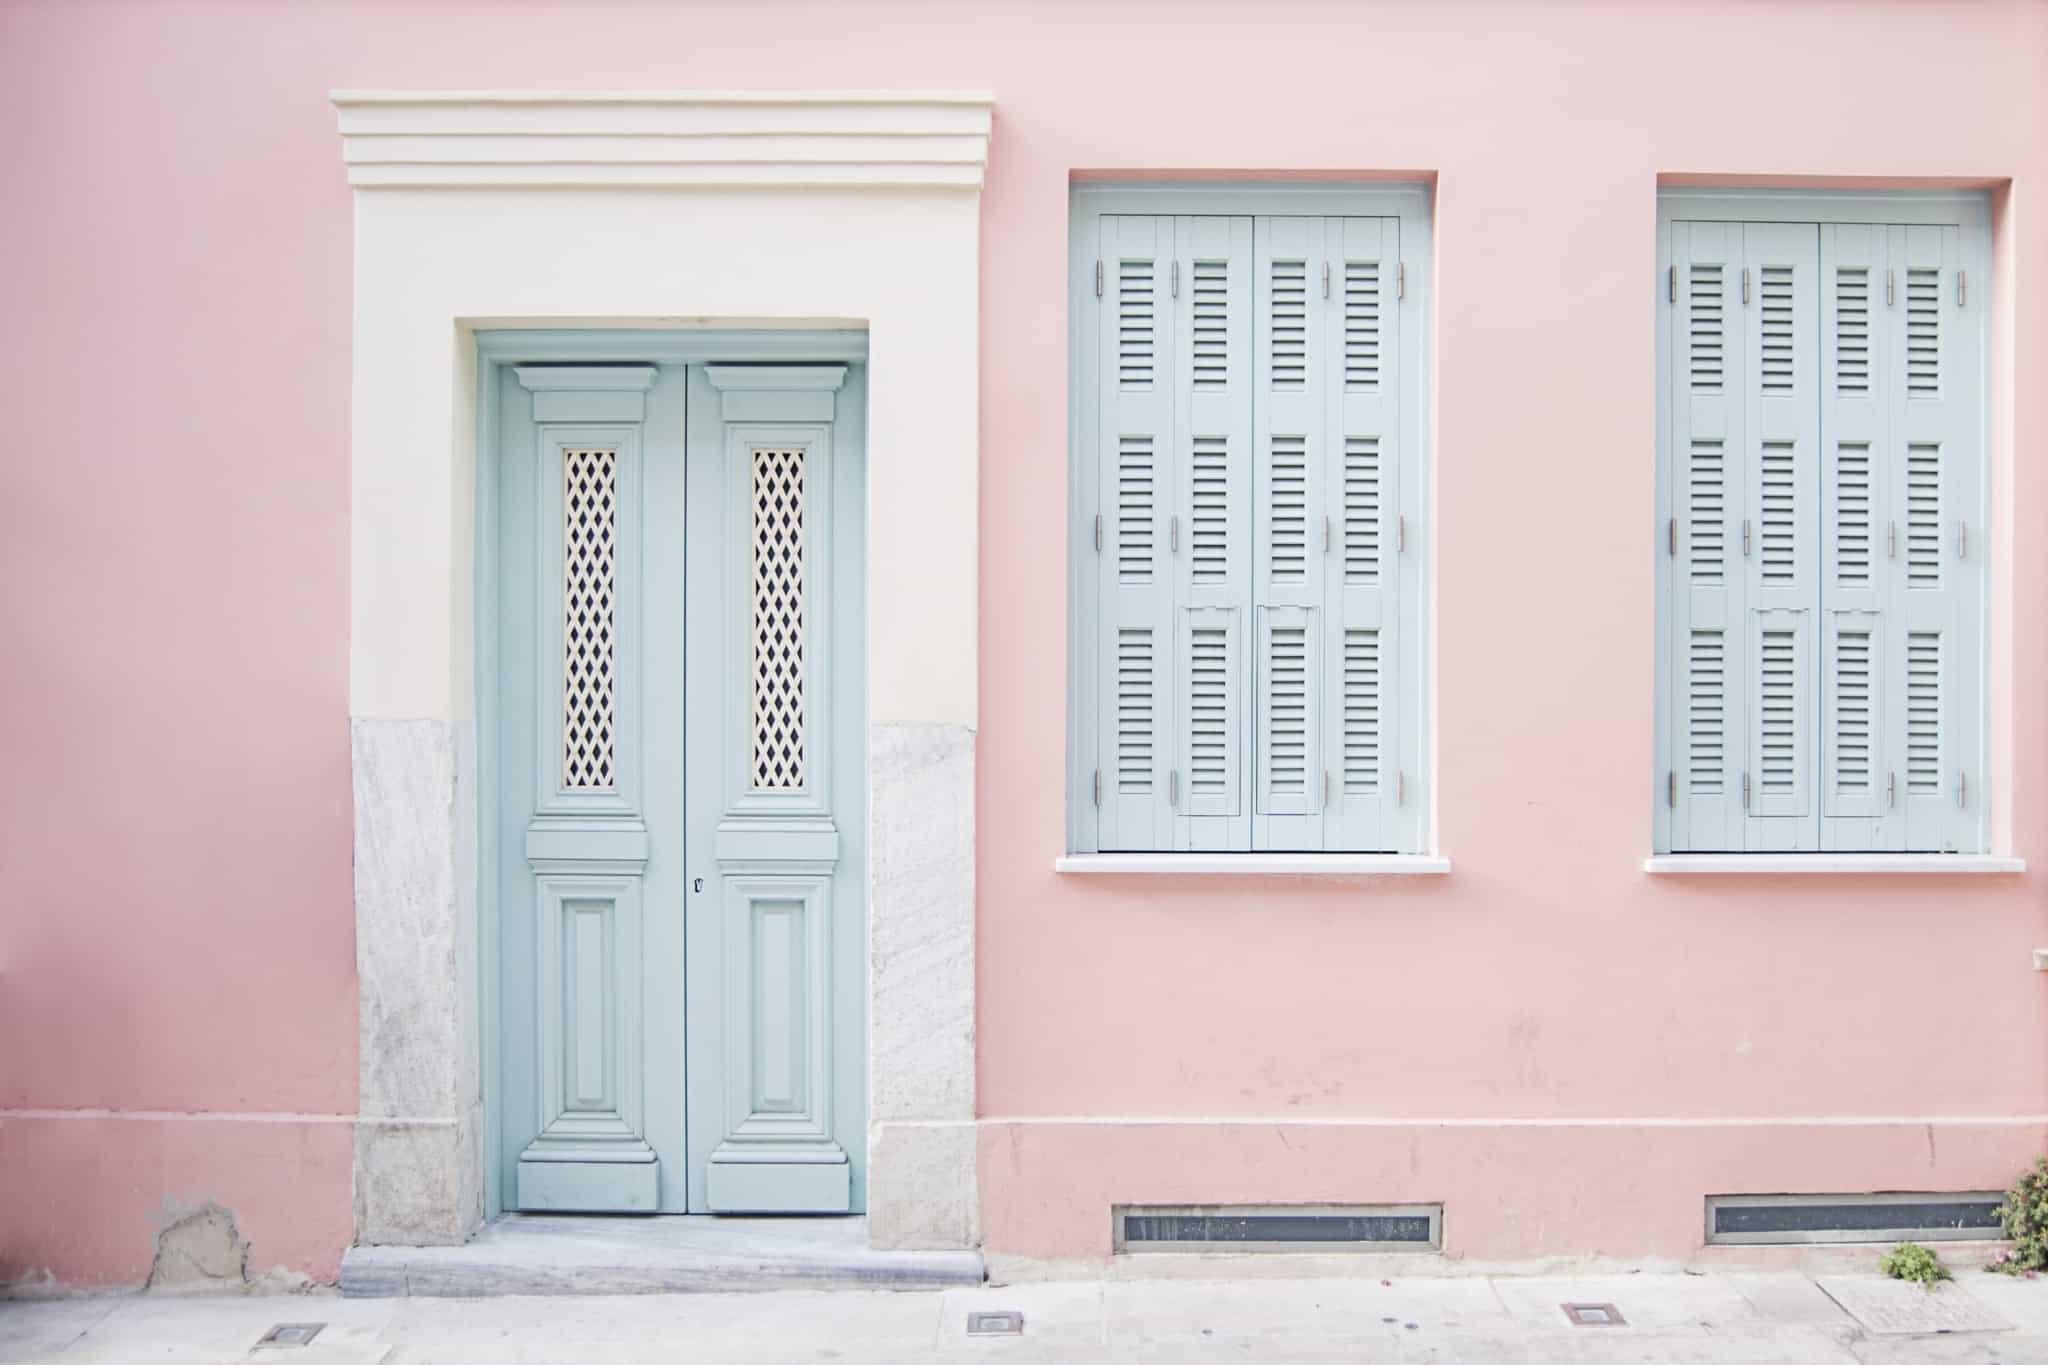 porta e duas janelas de uma casa cor de rosa